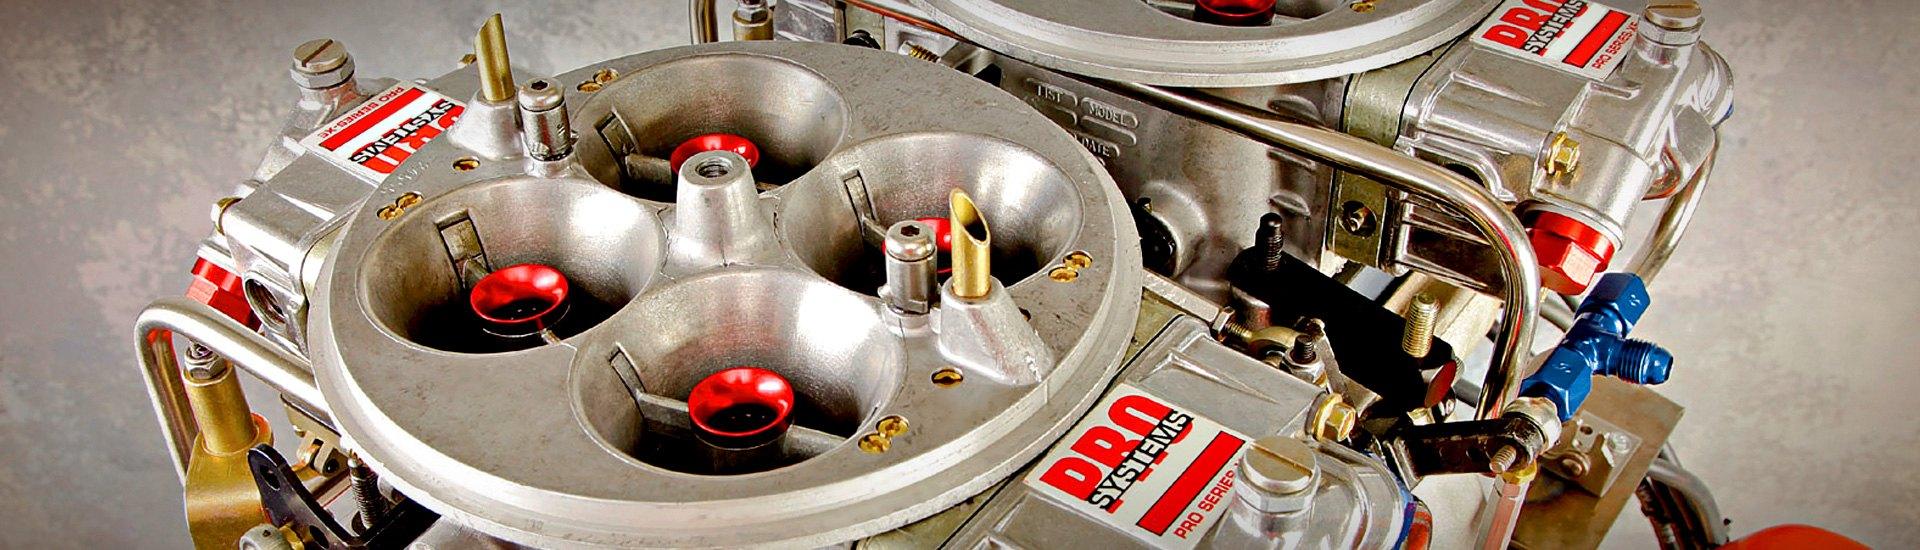 Repair vs Performance Parts | Intake Manifolds & Carburetors